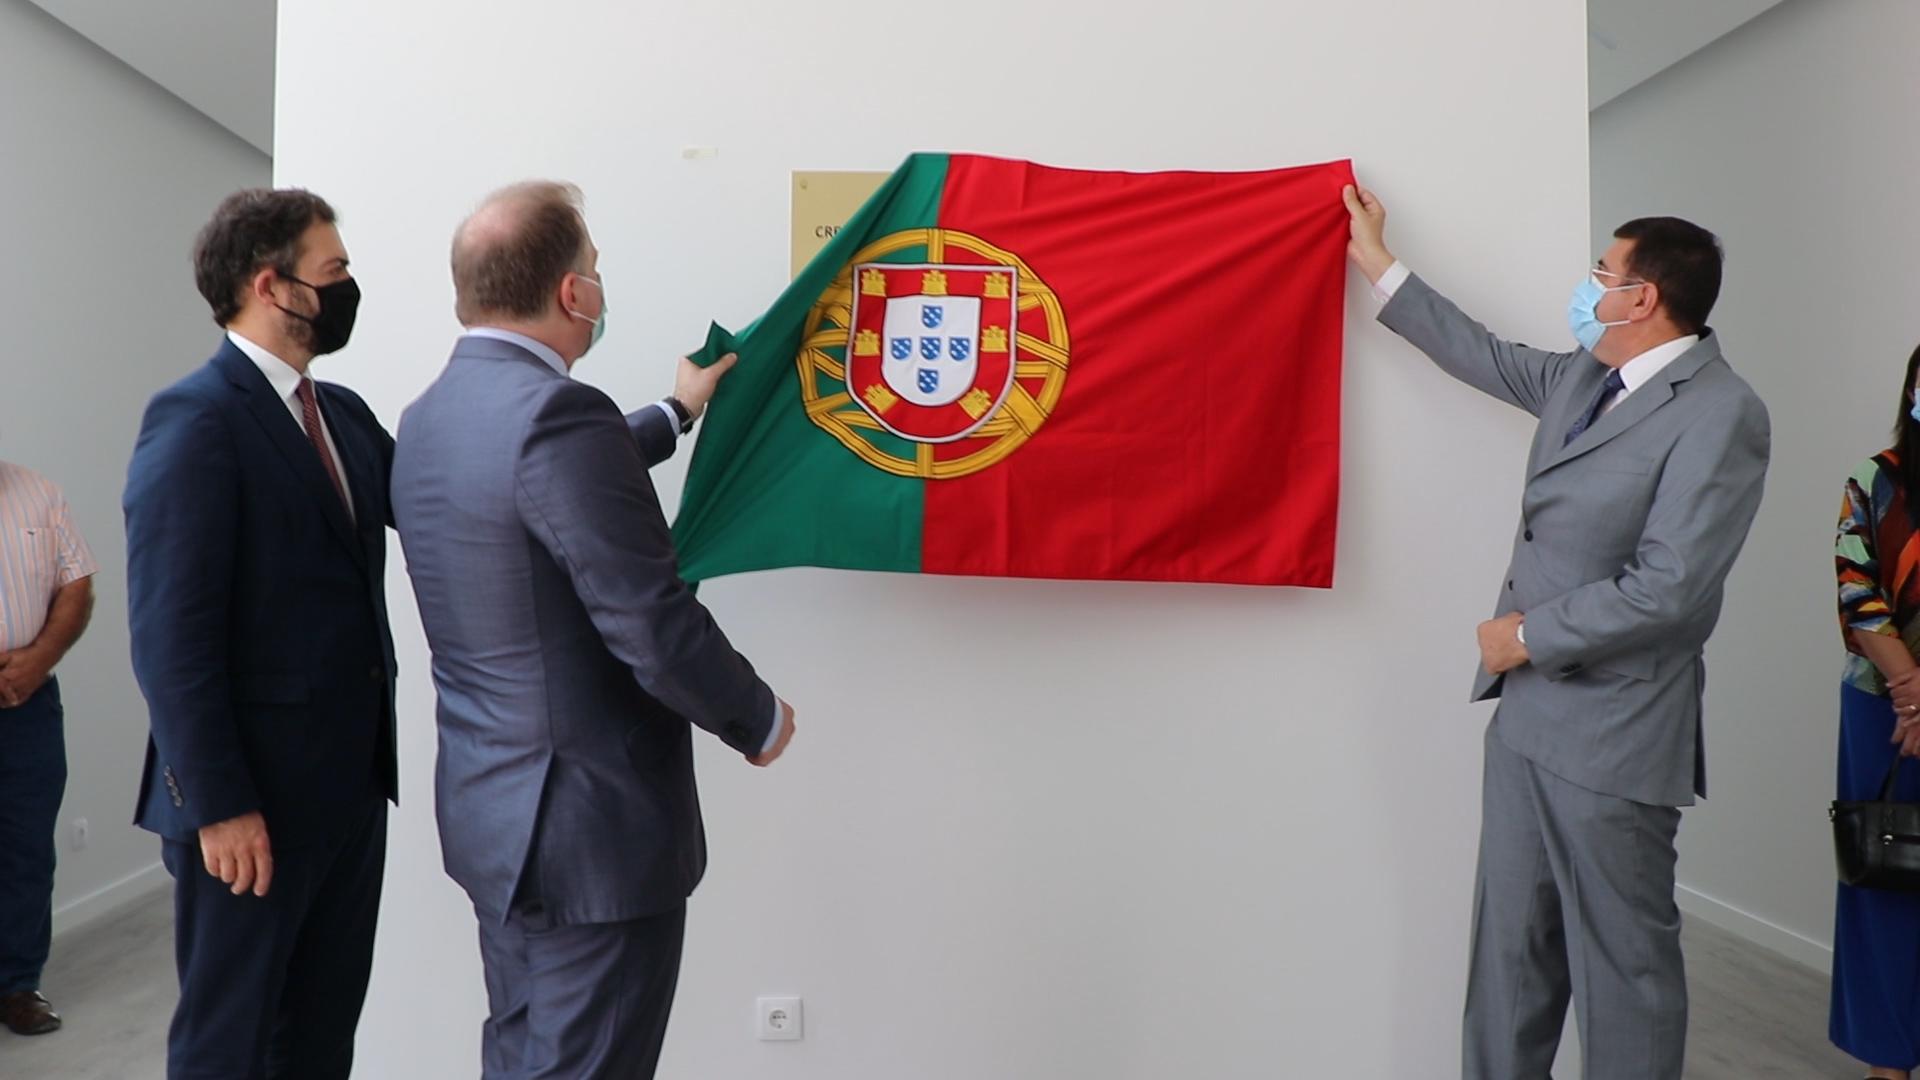 VÍDEO | Primeiro crematório do distrito de Santarém começa a funcionar a 1 de Junho